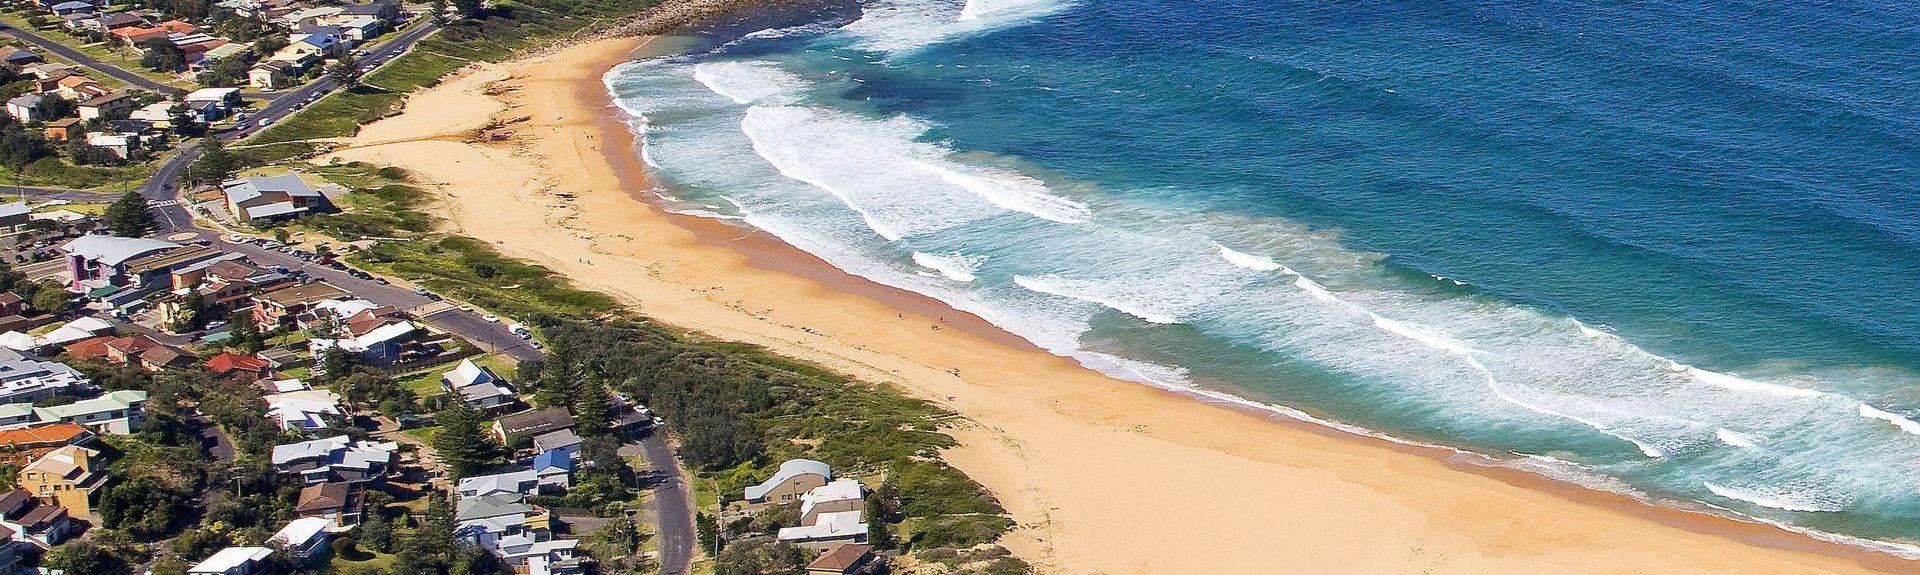 Pittwater Council, Nueva Gales del Sur, Australia